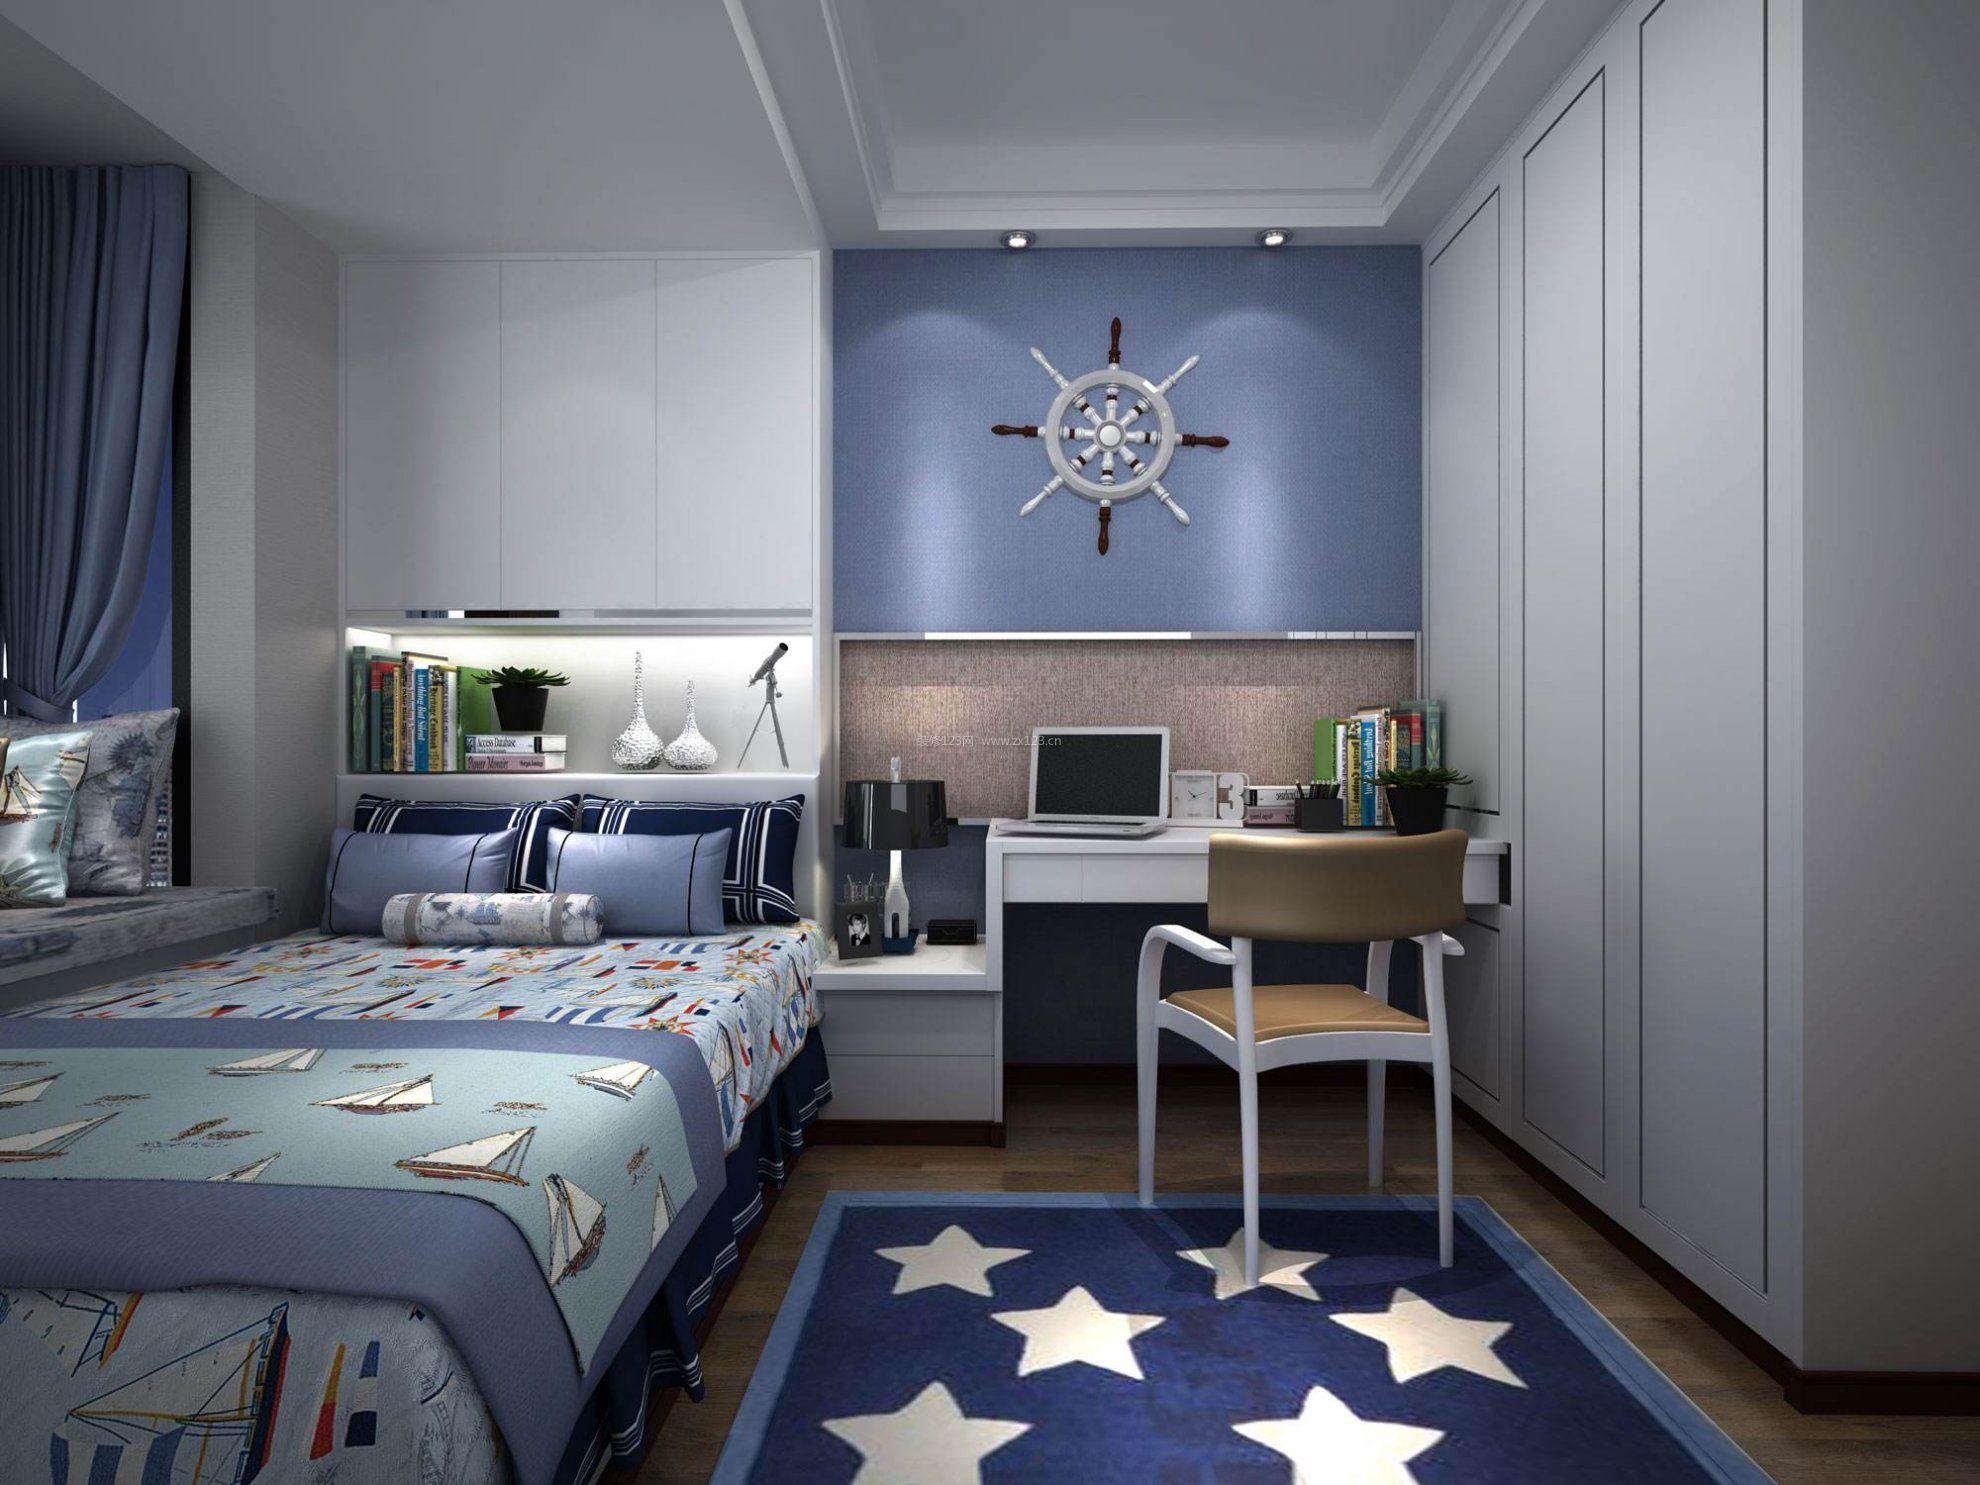 乌鲁木齐男生卧室装修设计 男生卧室装修讲究哪些要素